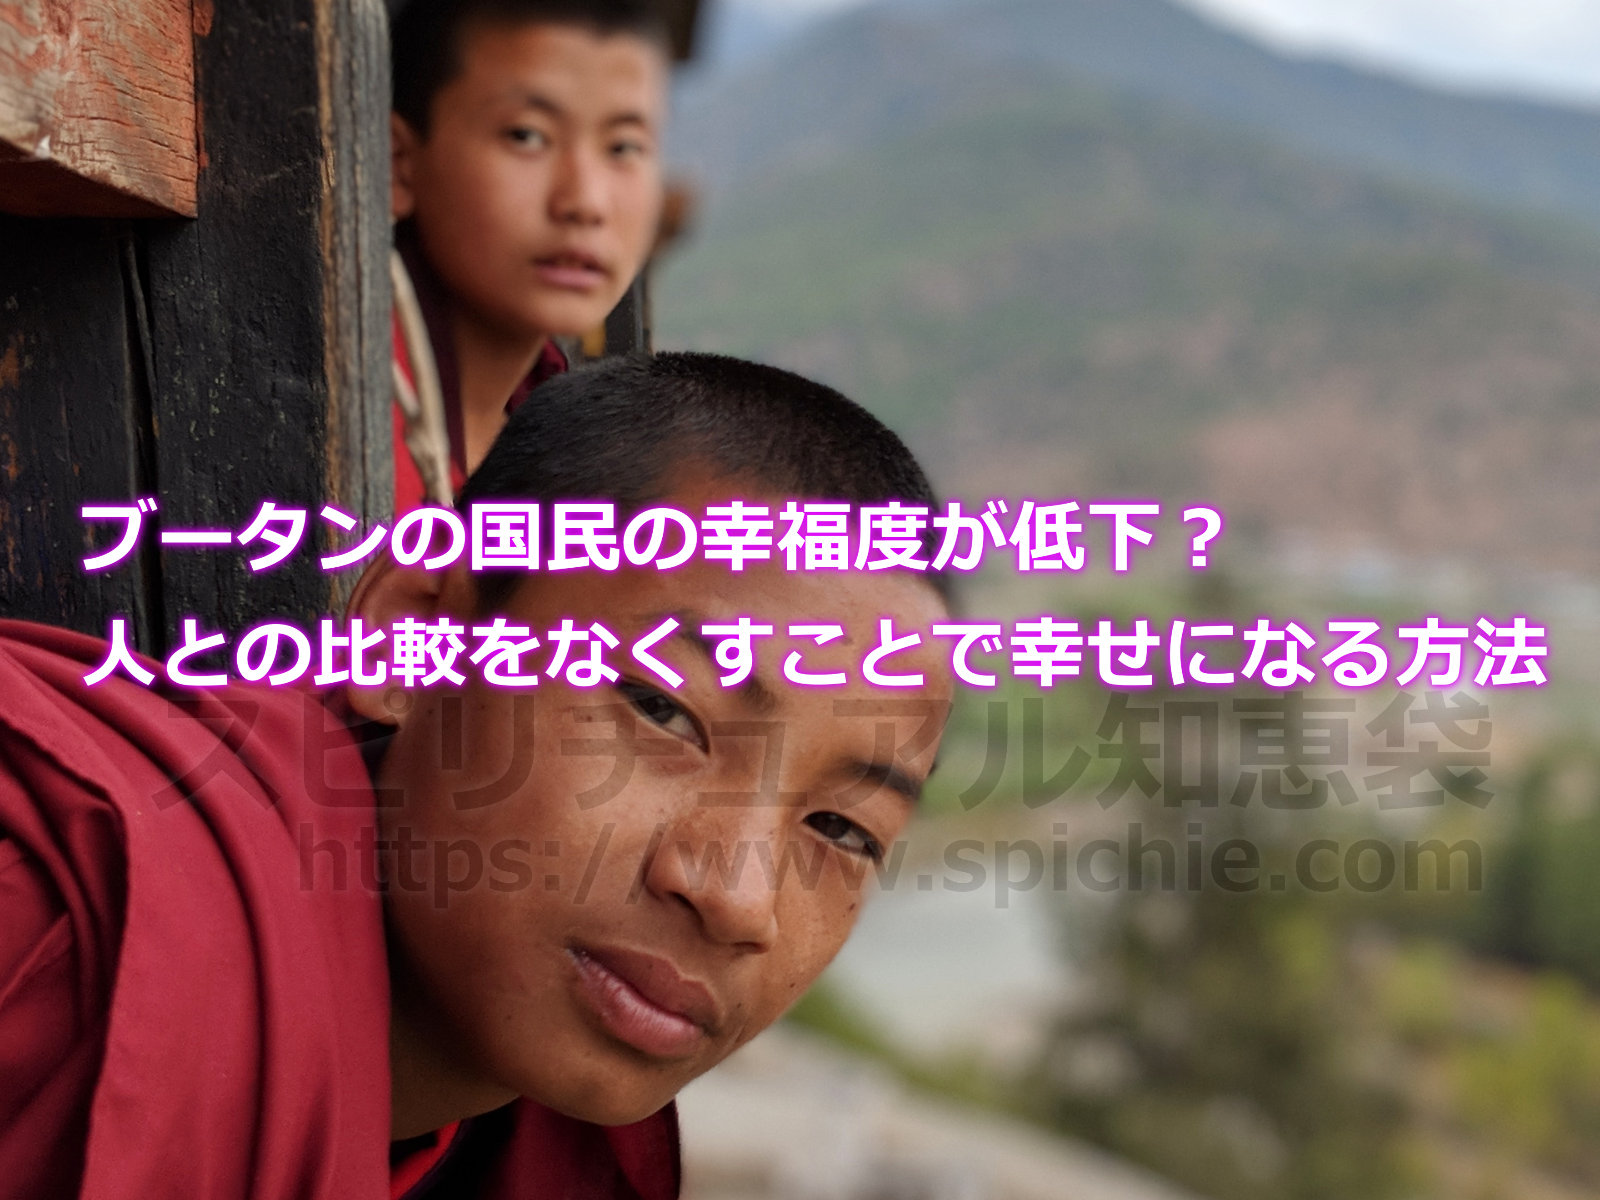 ブータンの国民の幸福度が低下?人との比較をなくすことで幸せになる方法のアイキャッチ画像